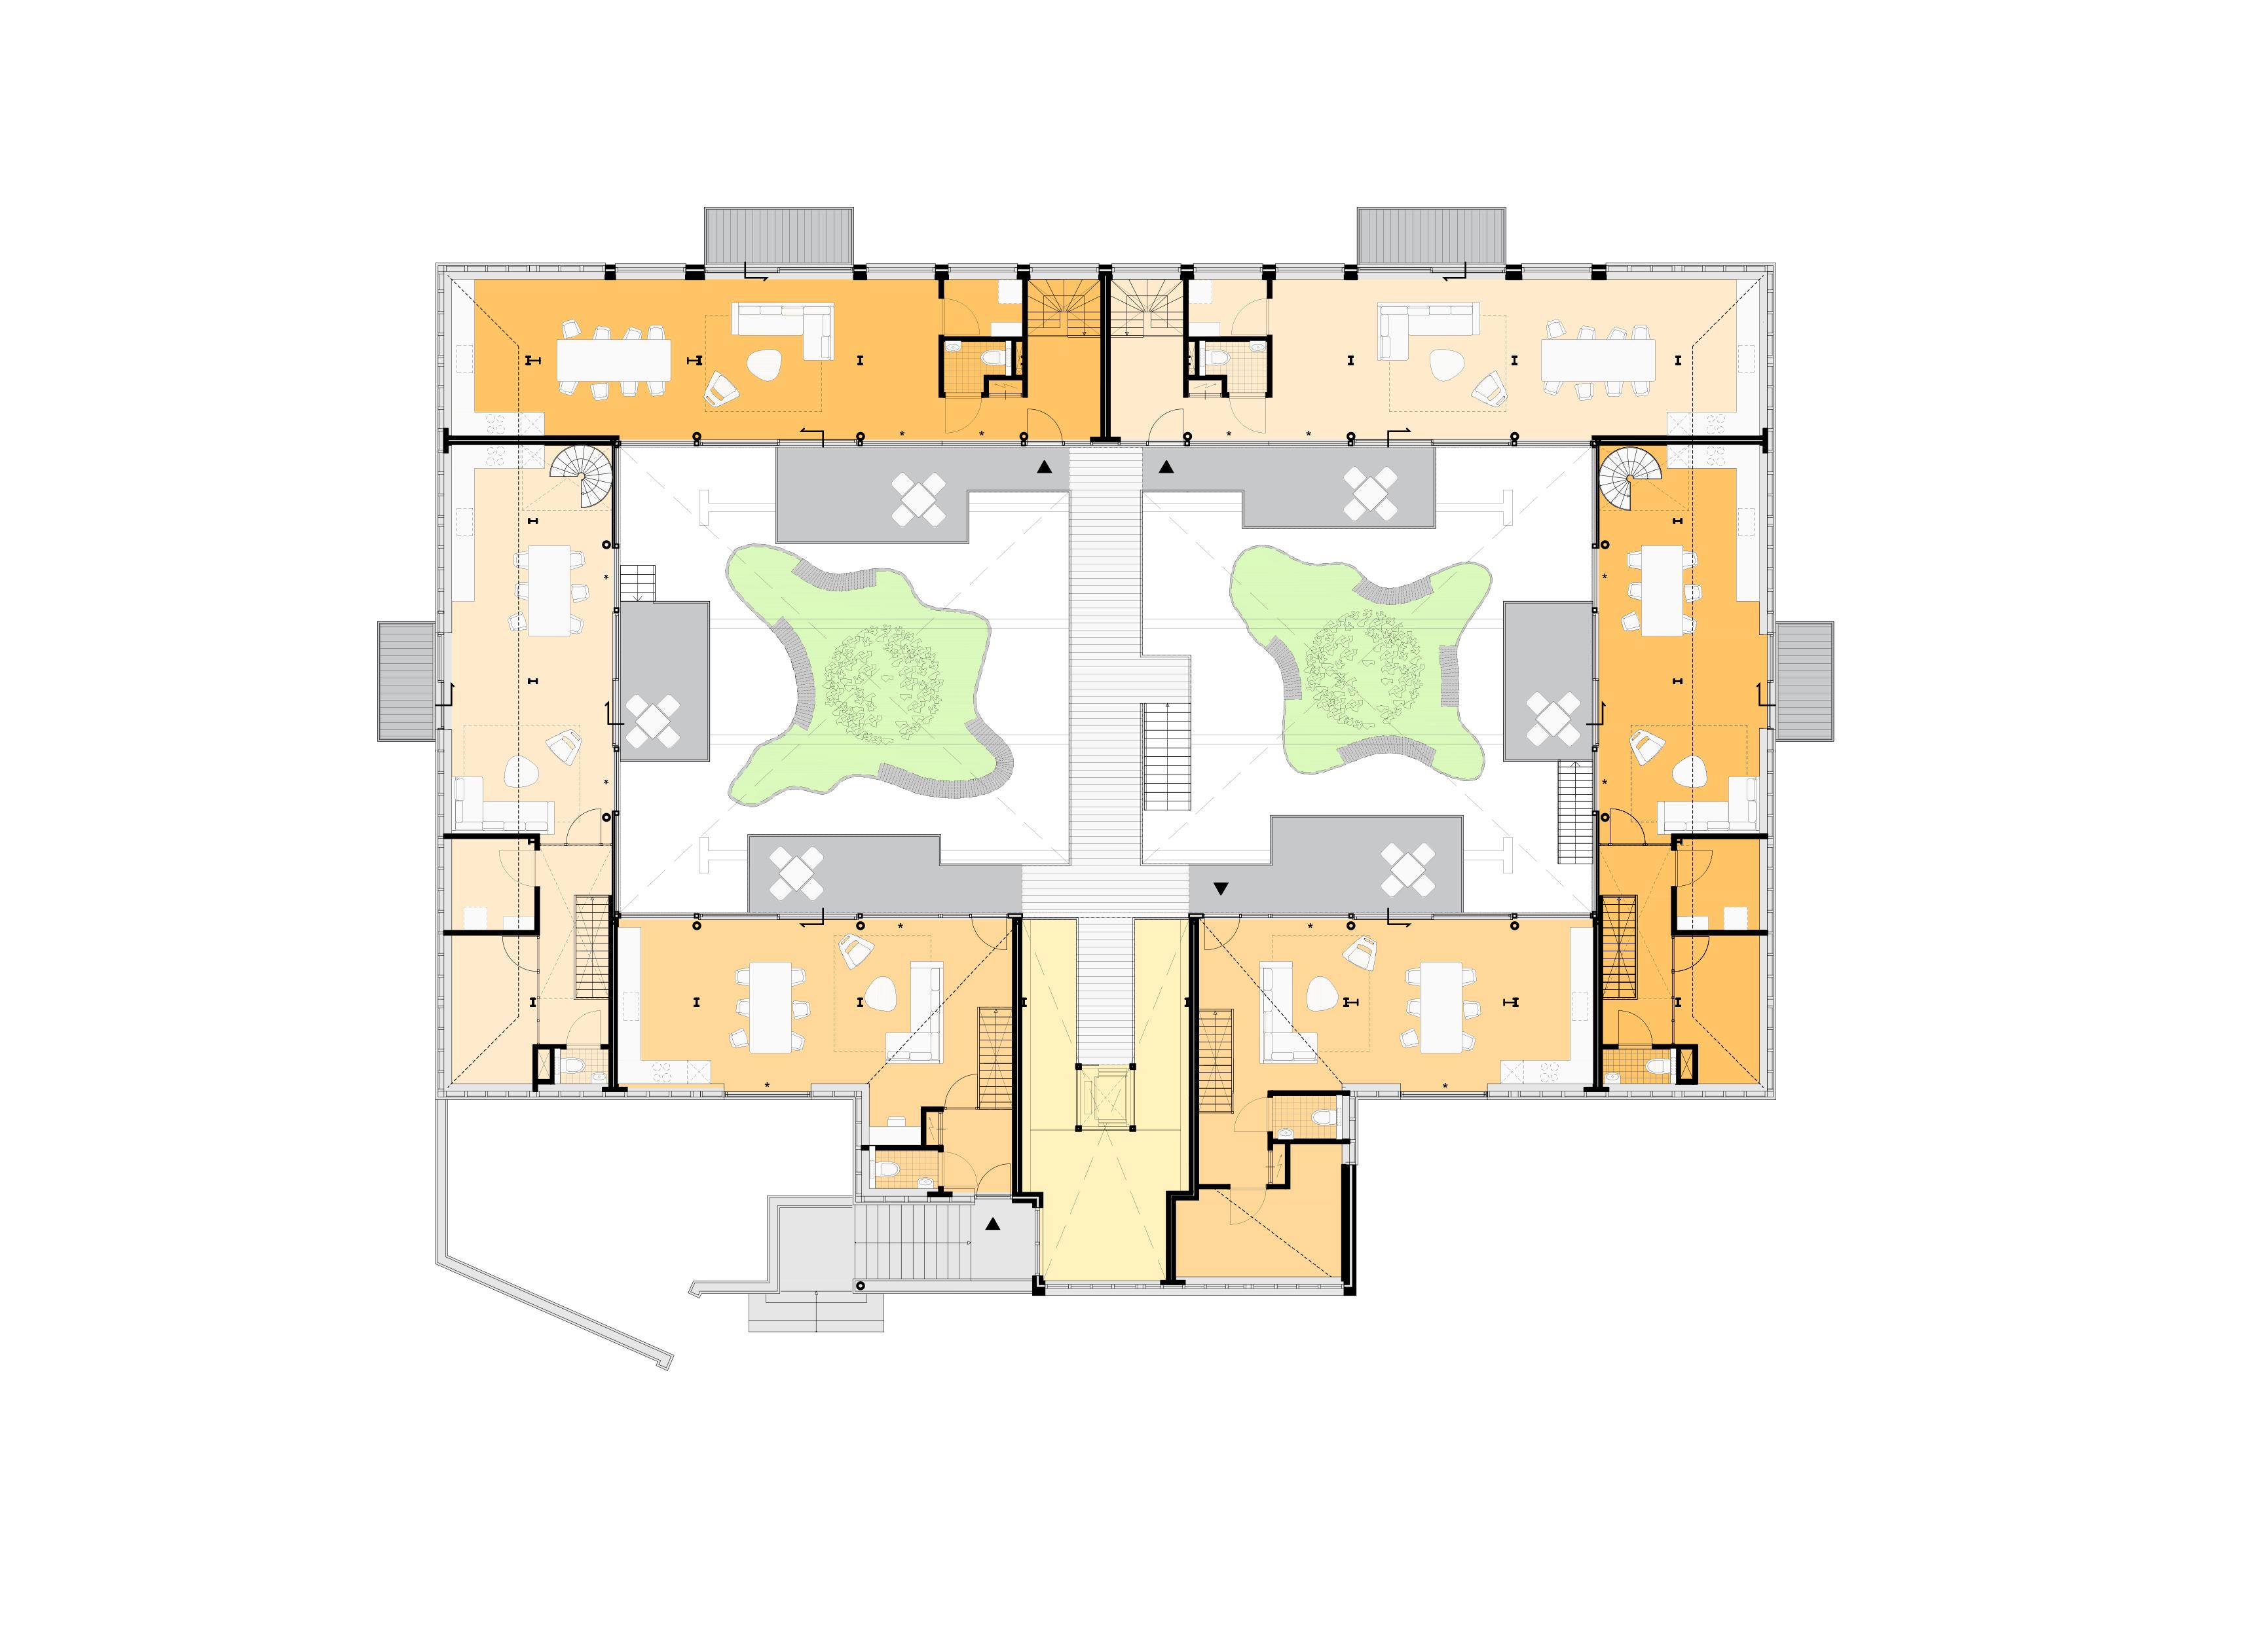 <p>Plattegrond eerste verdieping Spaardersbad</p>